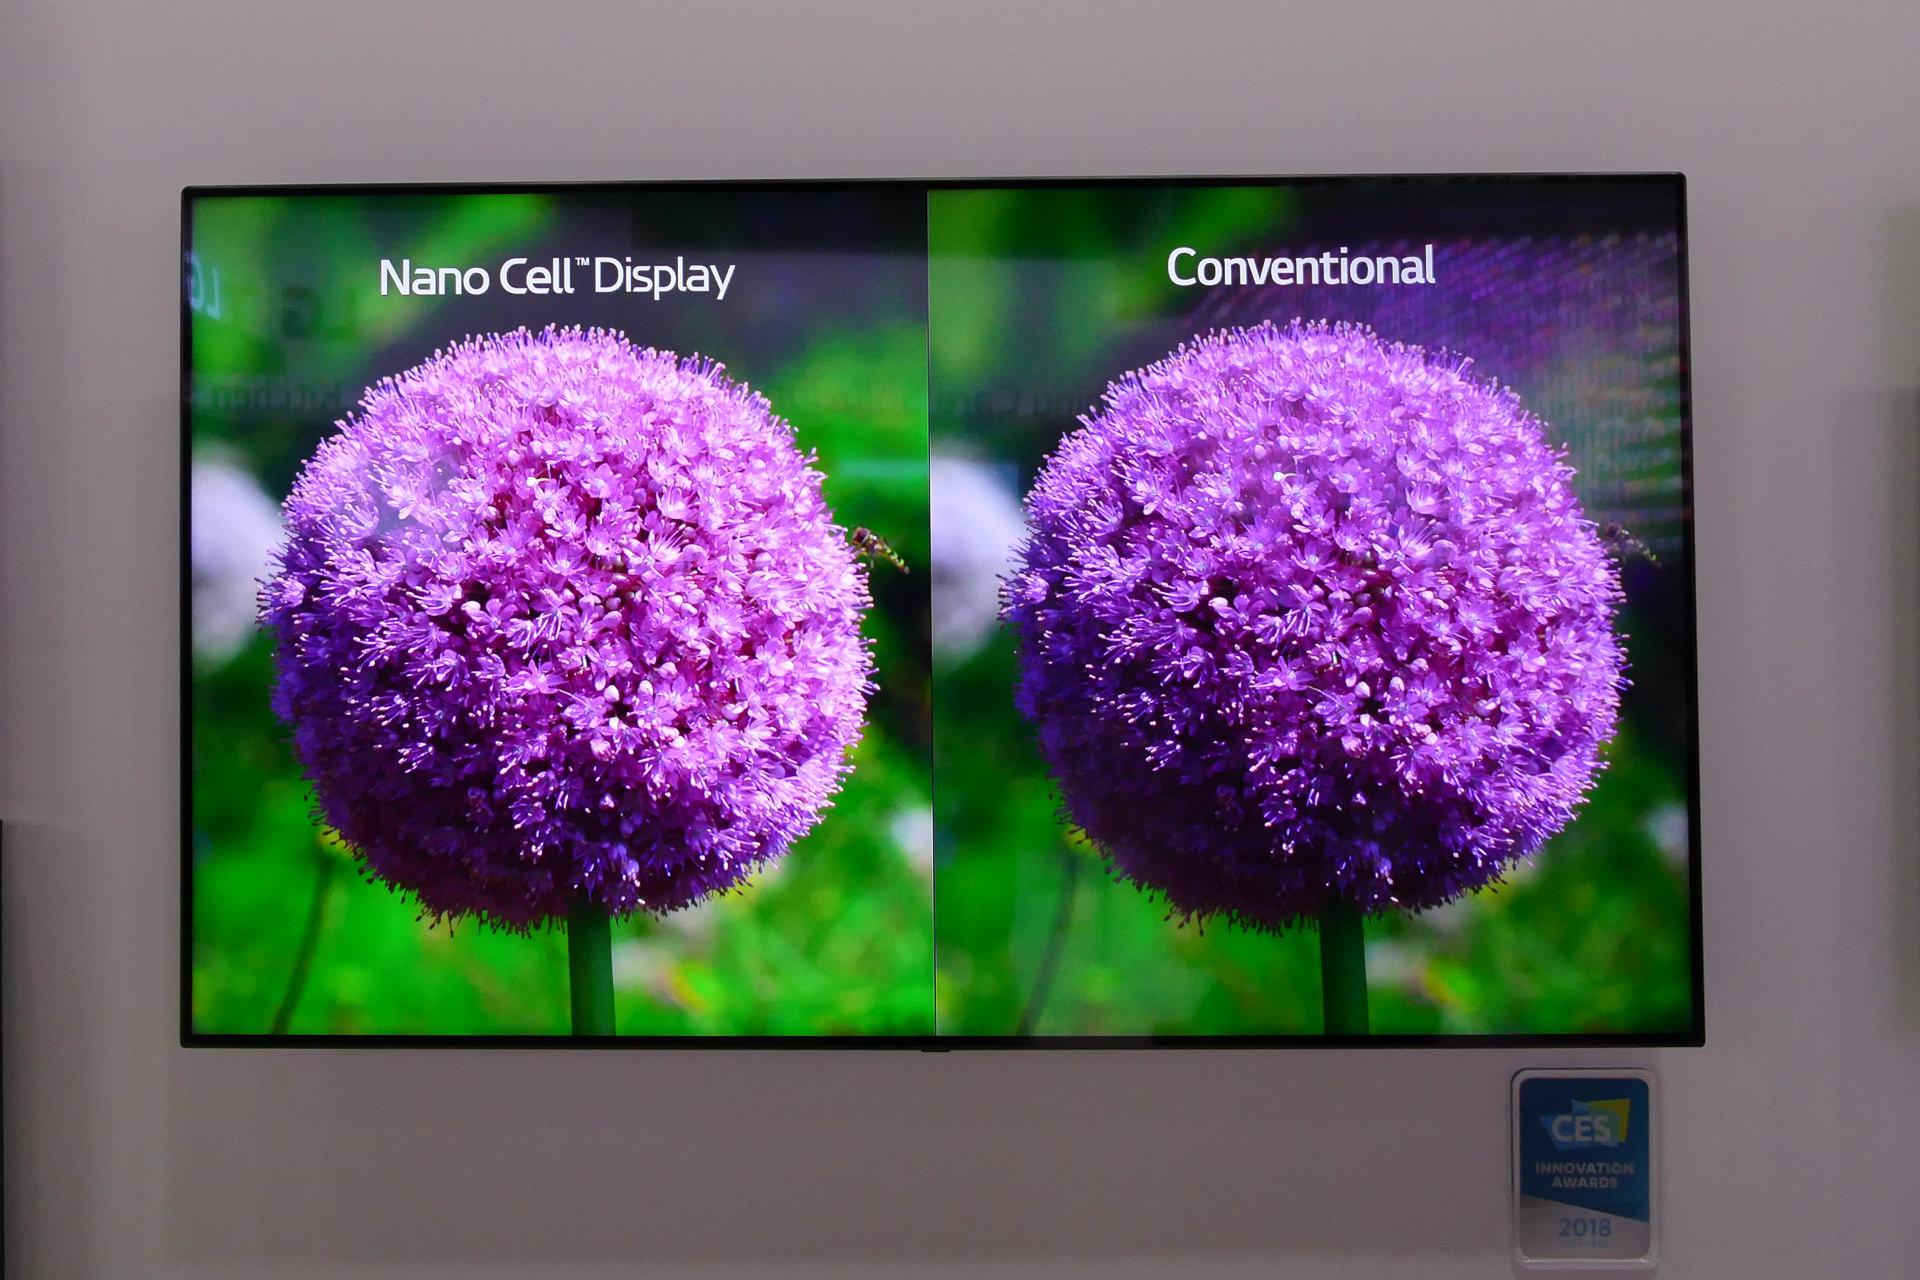 LGのNanocell技術による高輝度化の従来比デモ